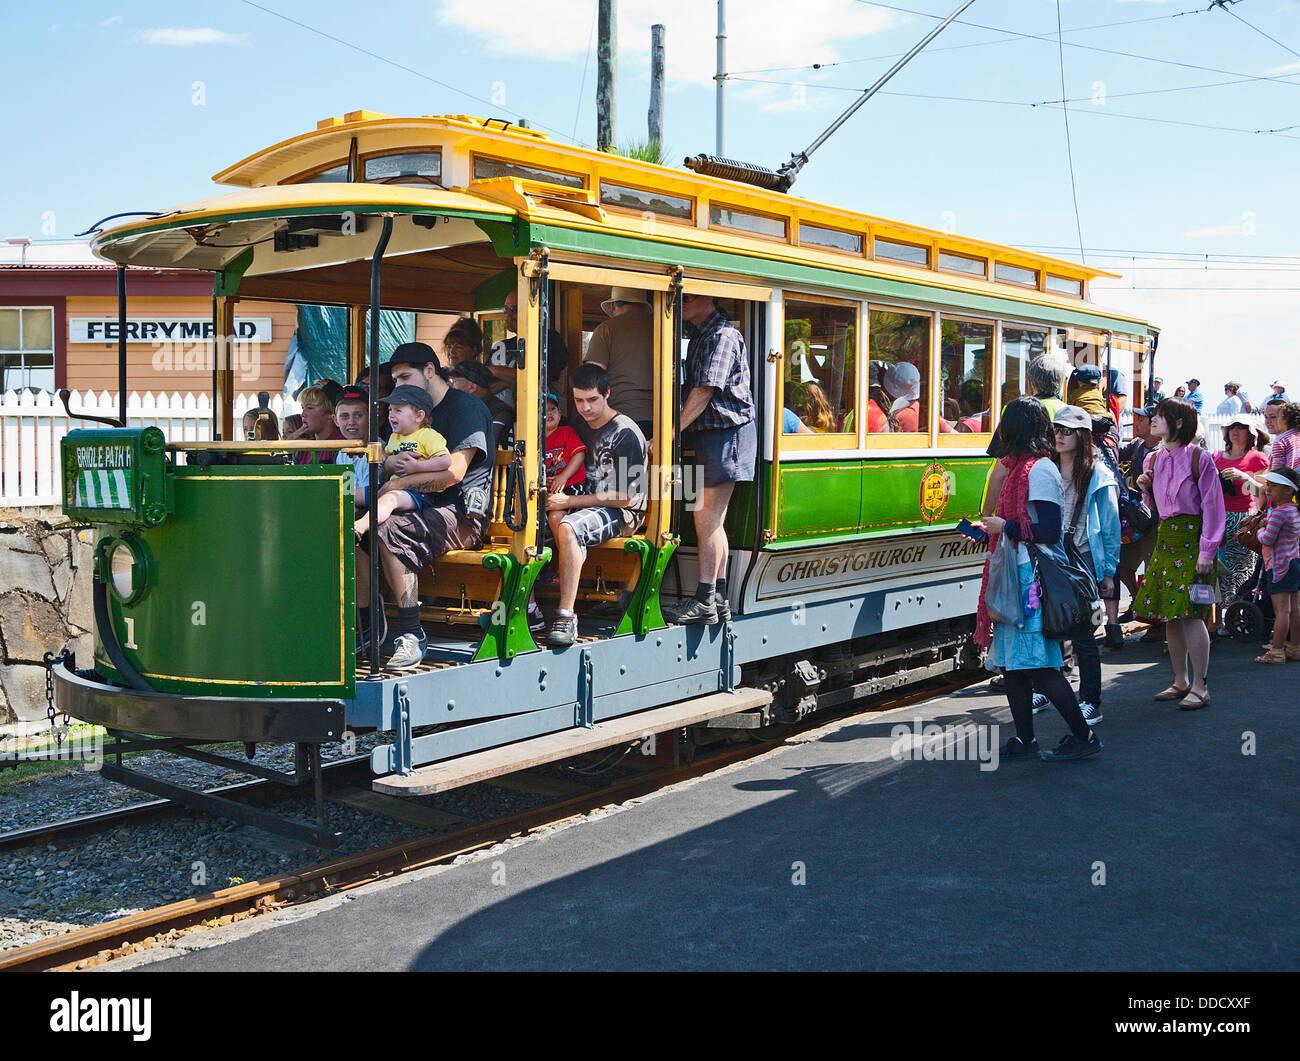 Les familles à bord d'un tram vintage au Ferrymead Heritage Park et musée, Christchurch, Canterbury, île du Sud, Nouvelle-Zélande. Banque D'Images